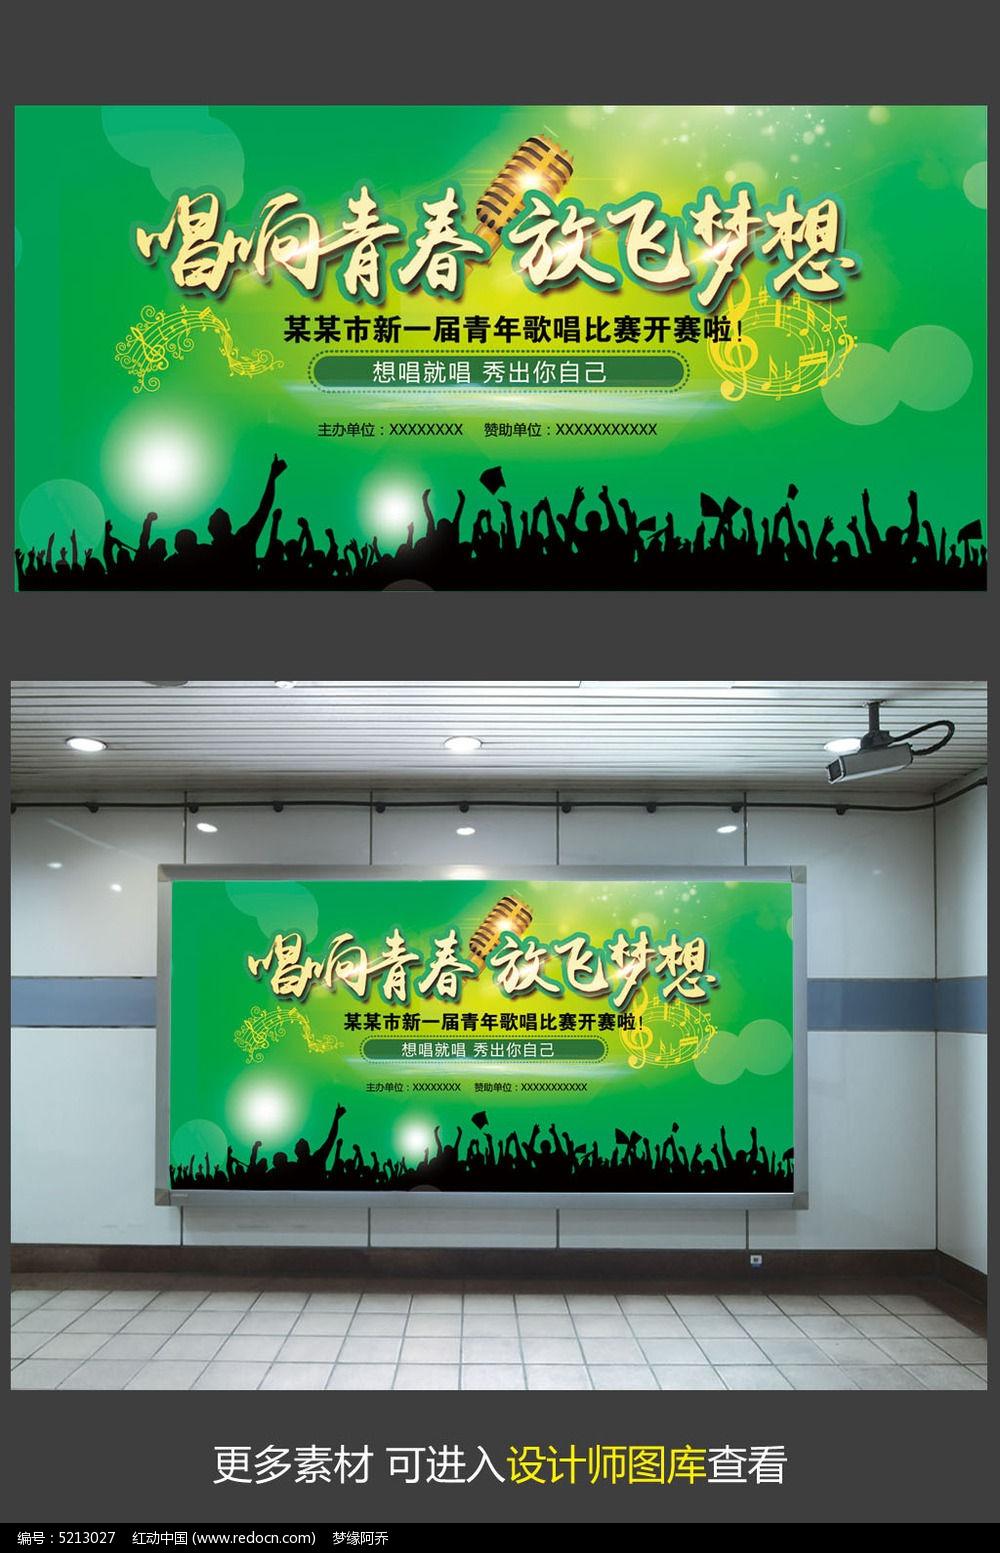 唱响青春放飞梦想歌唱比赛海报PSD素材下载 海报设计图片图片